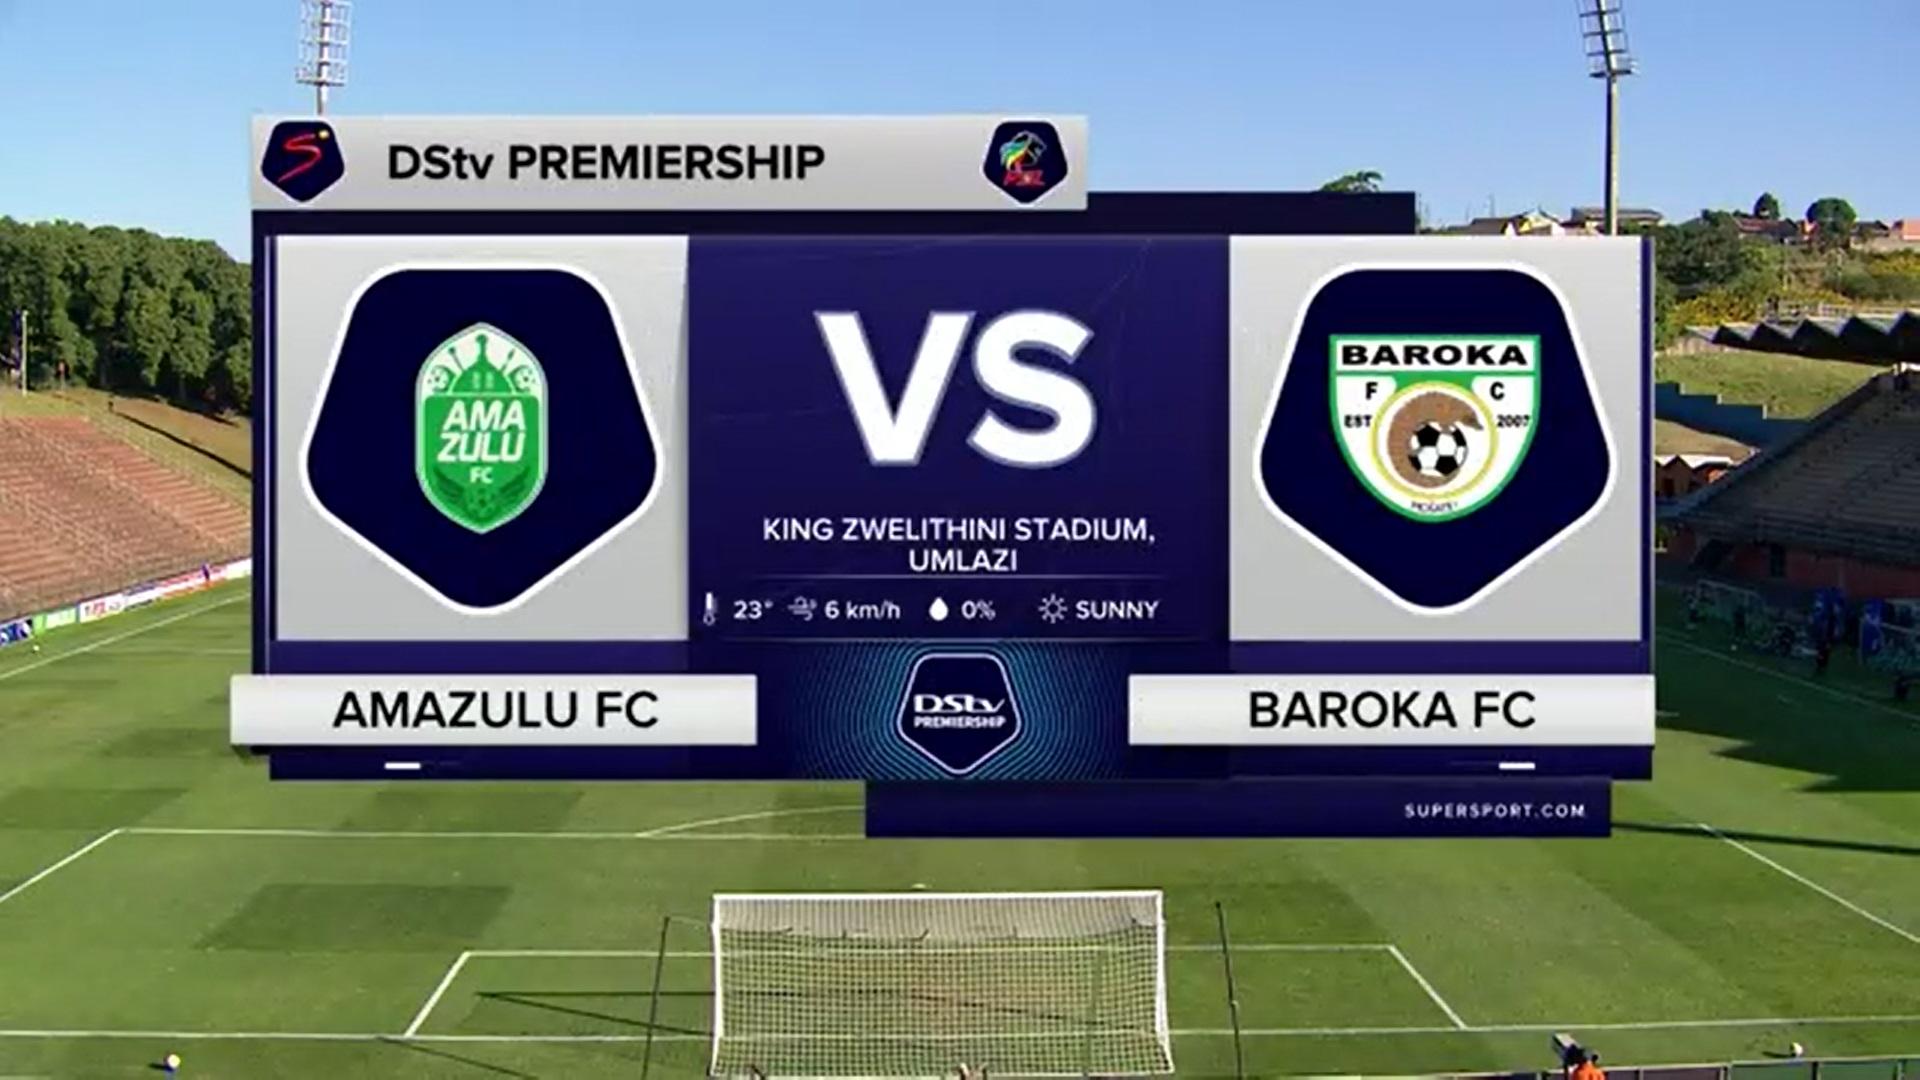 DStv Premiership | AmaZulu FC v Baroka FC | Highlights